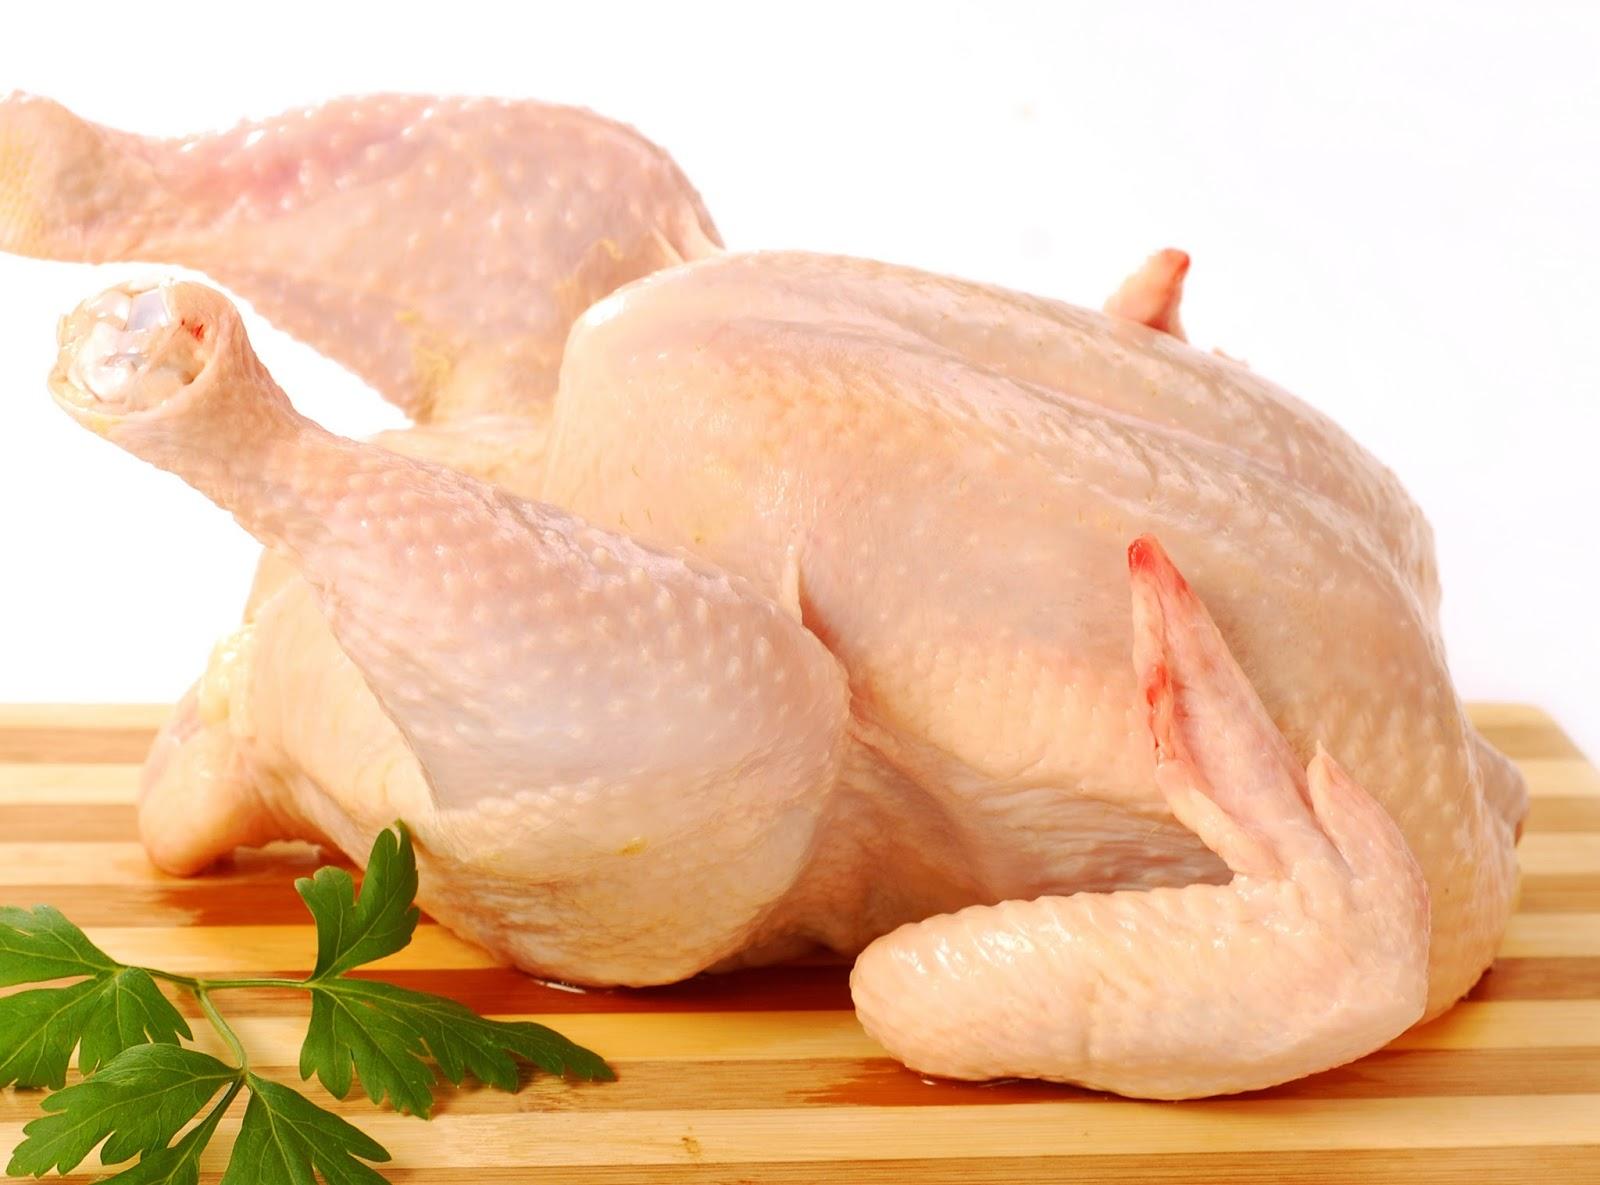 Manfaat Mengkonsumsi Daging Ayam